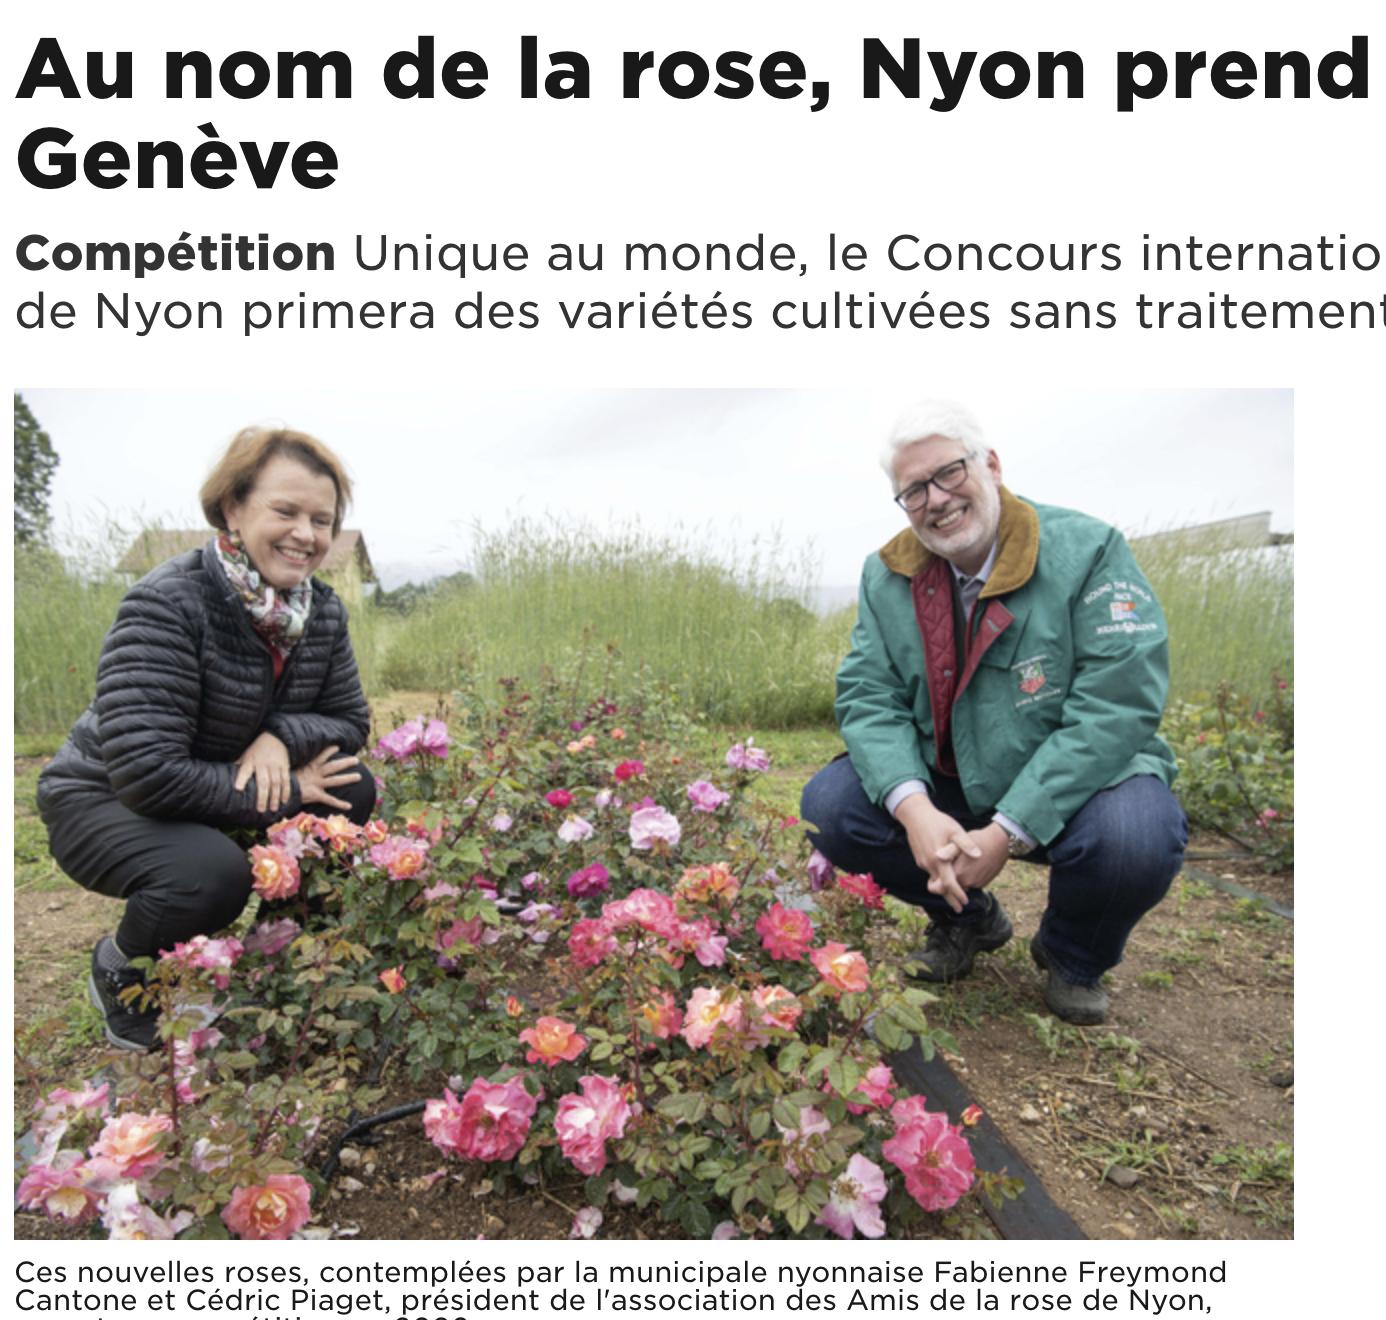 2019-05 24 Heures  - Au Nom de la Rose